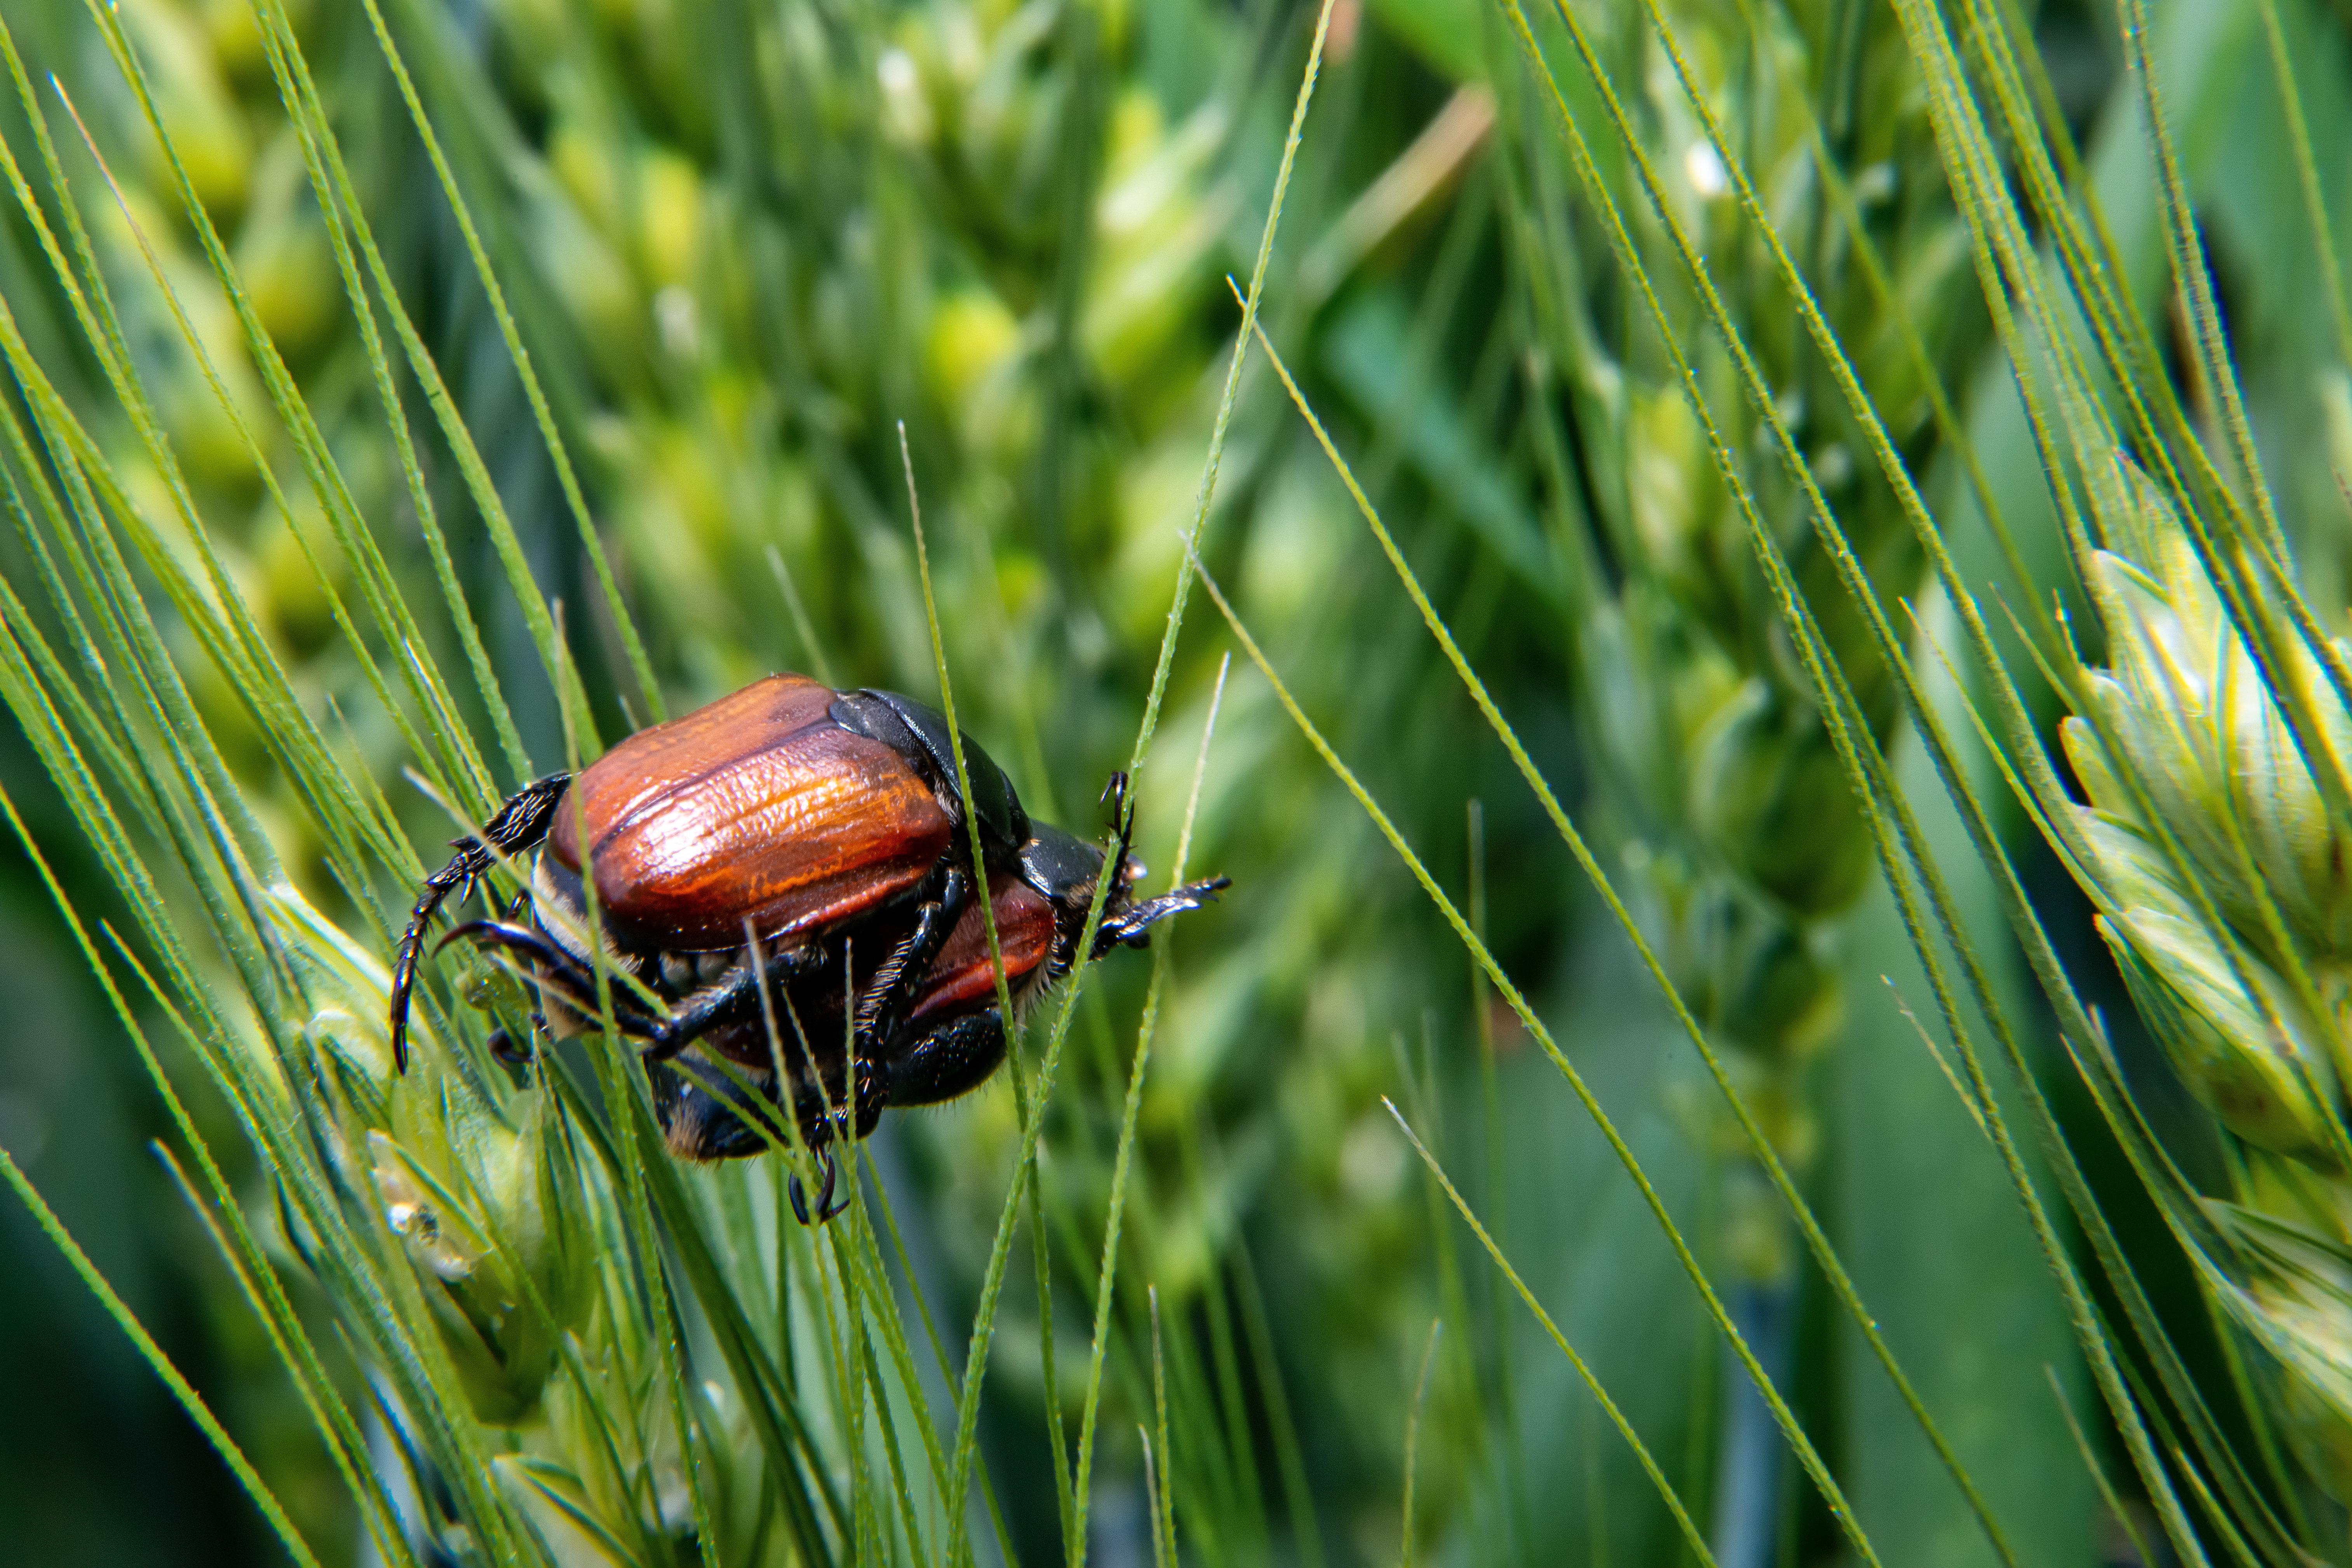 Le réchauffement climatique rendrait les insectes